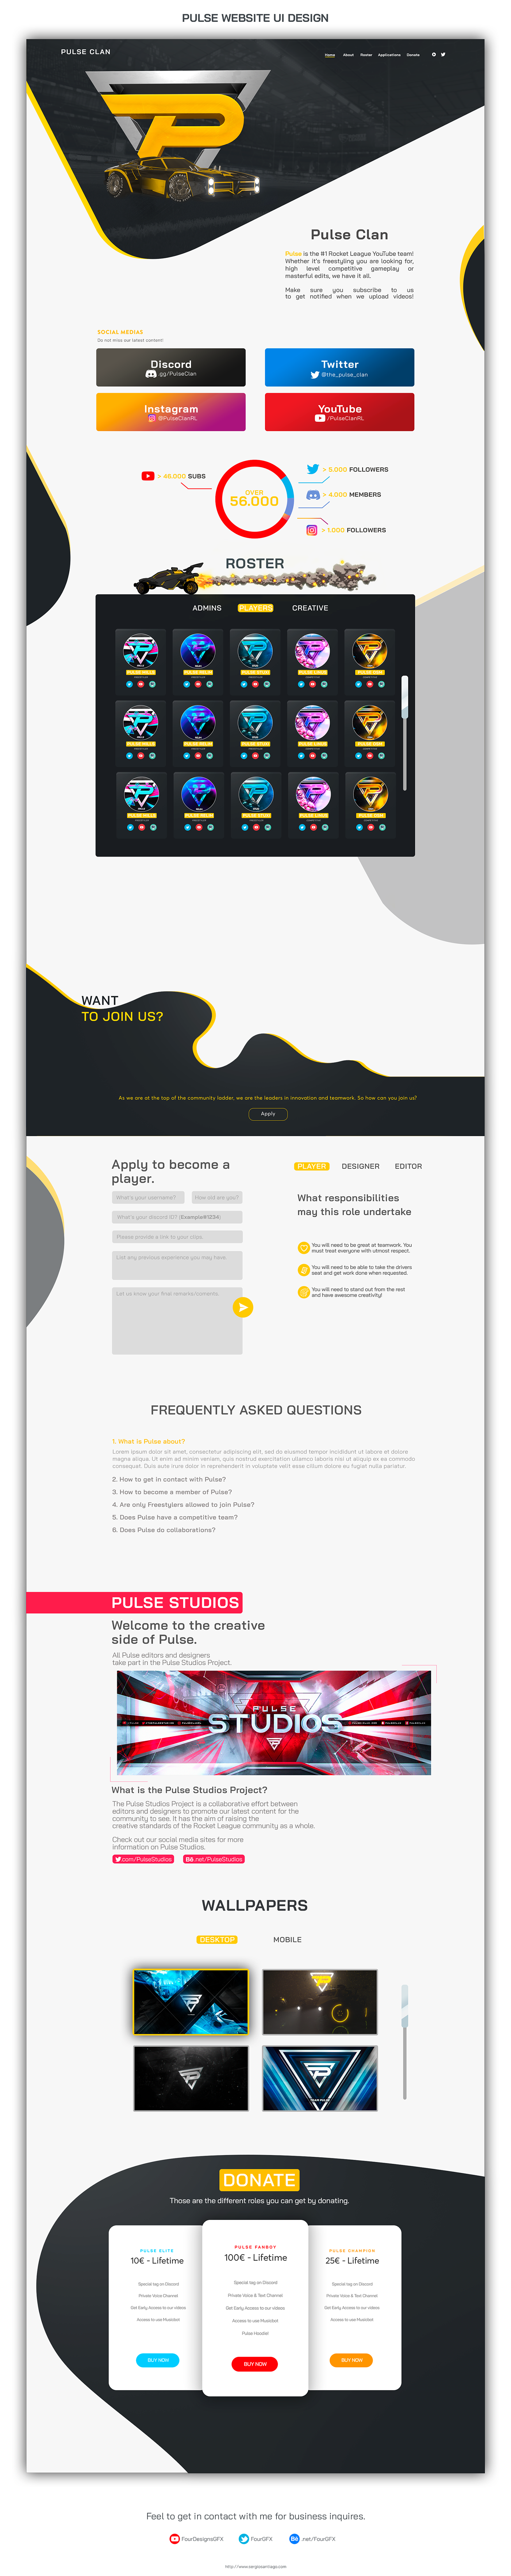 UI Website Design UX design